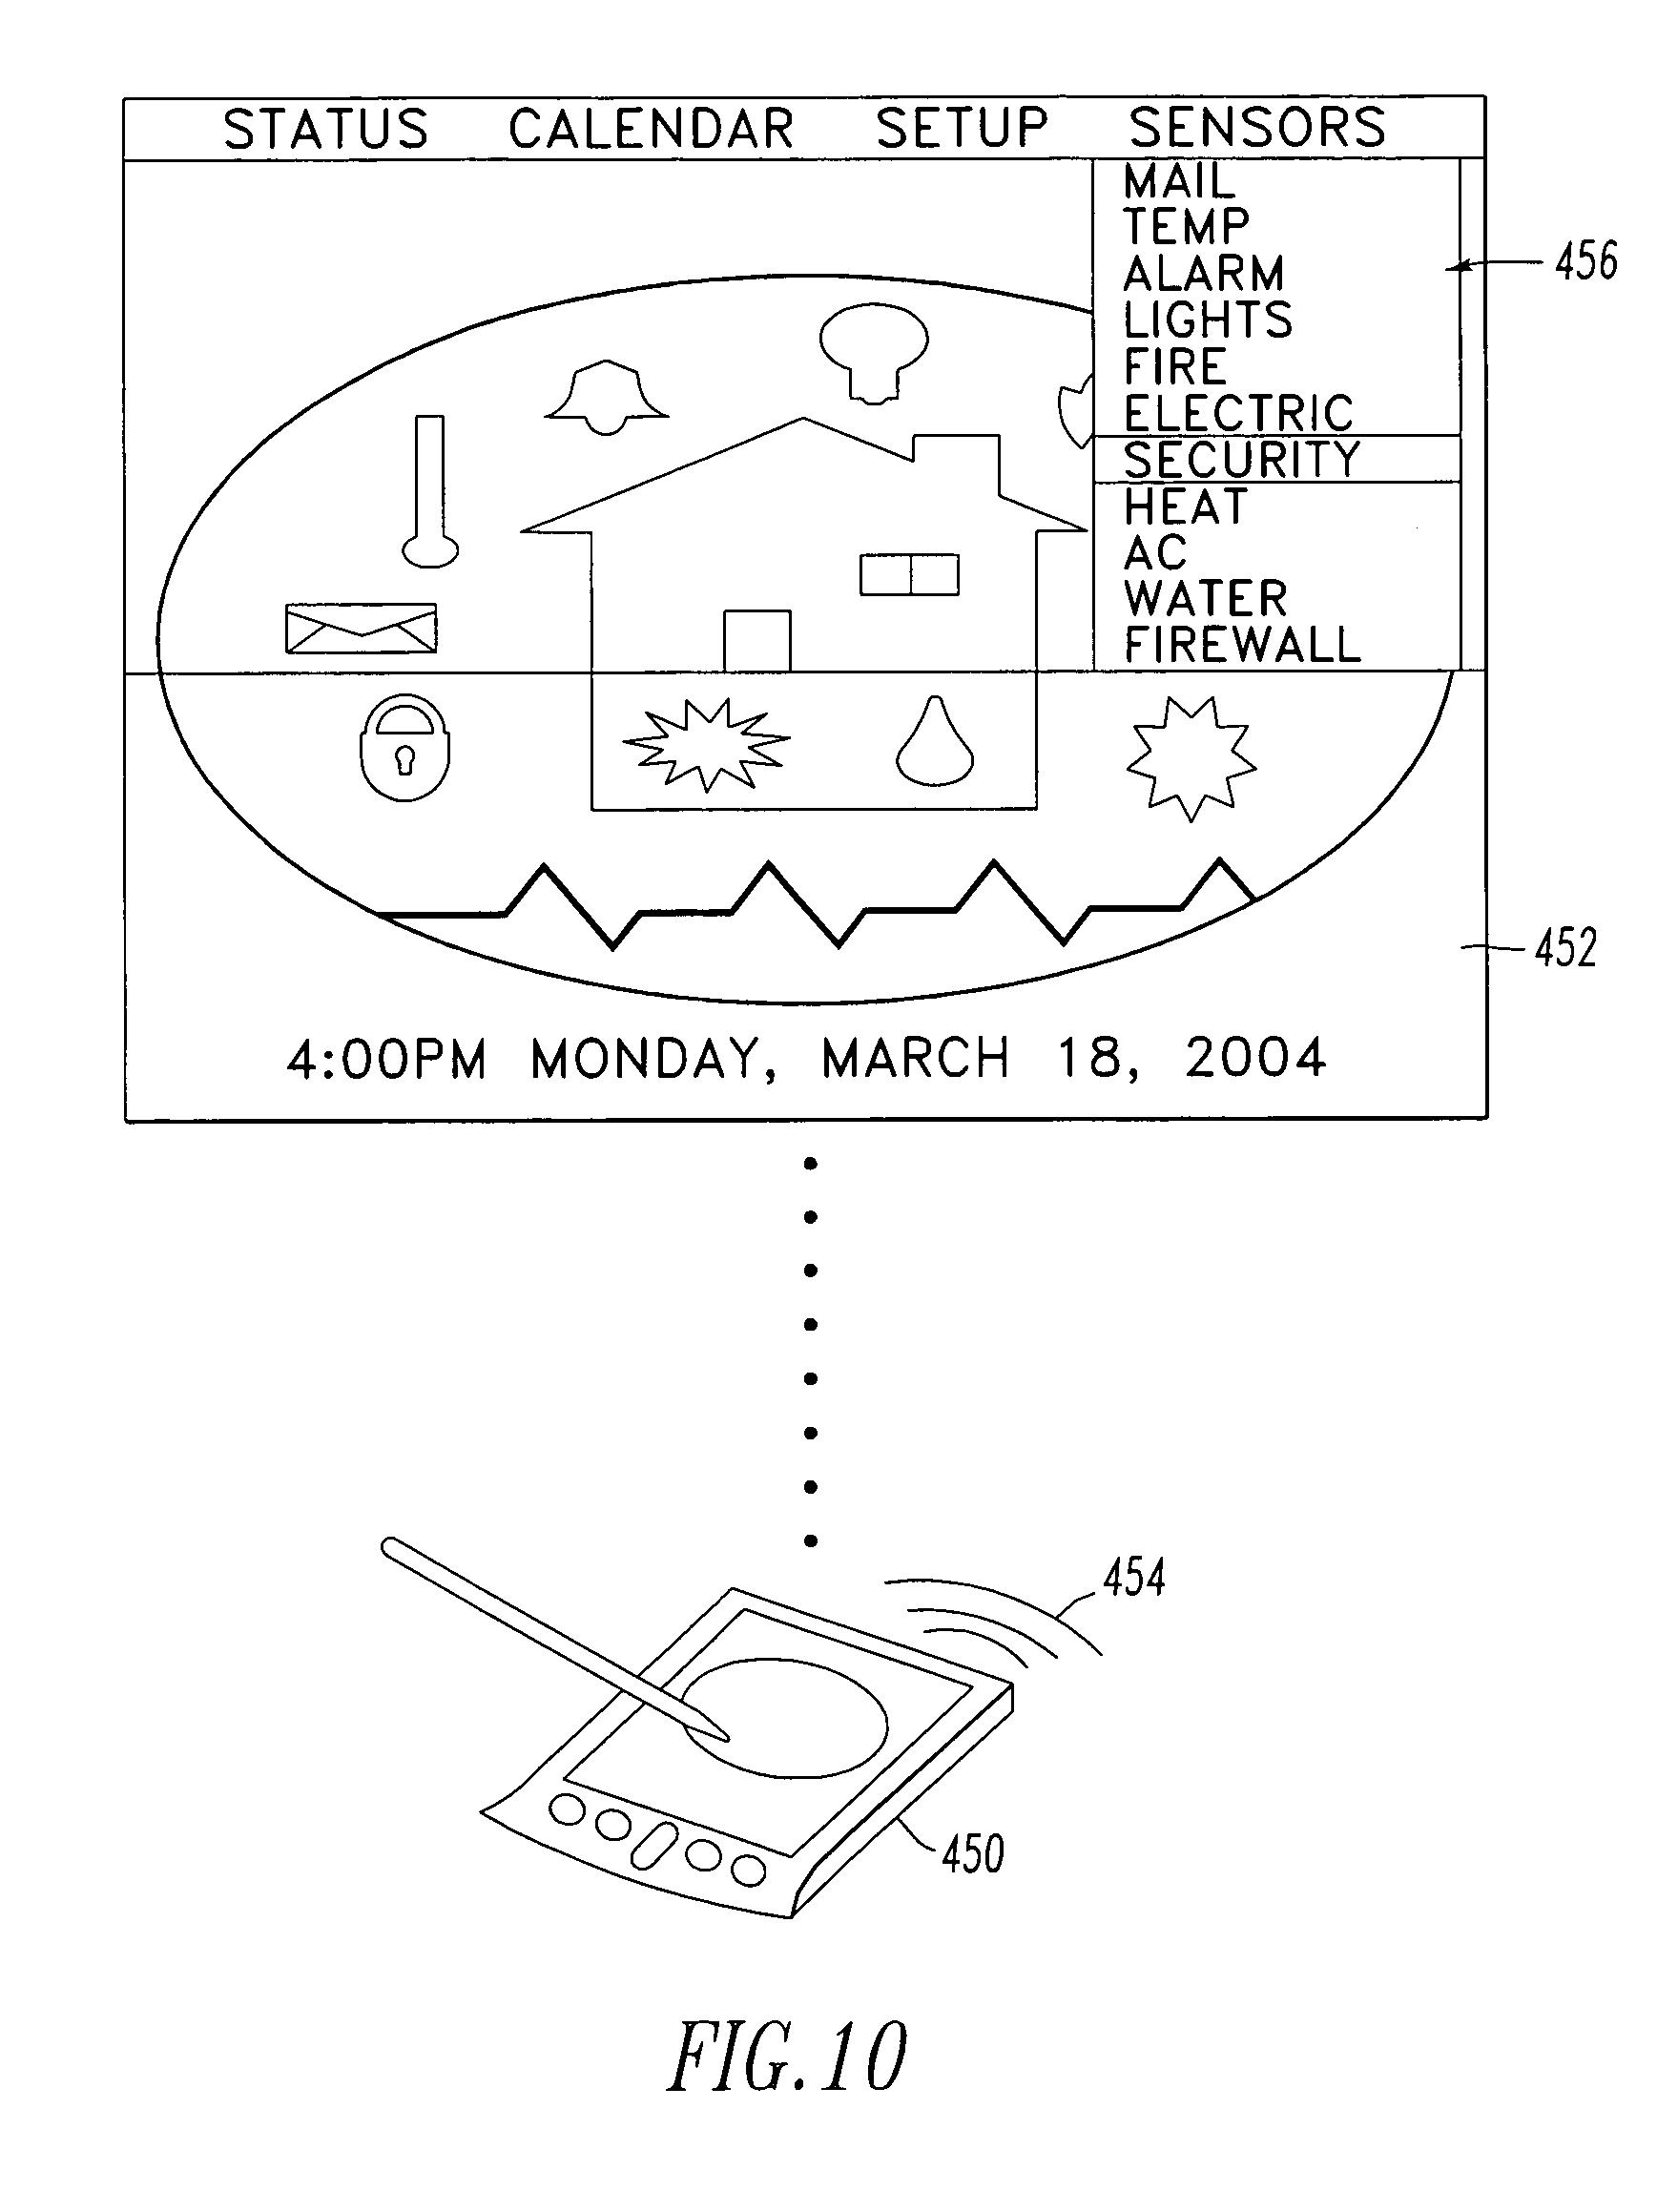 Garage sub panel wiring diagram images wiring diagram